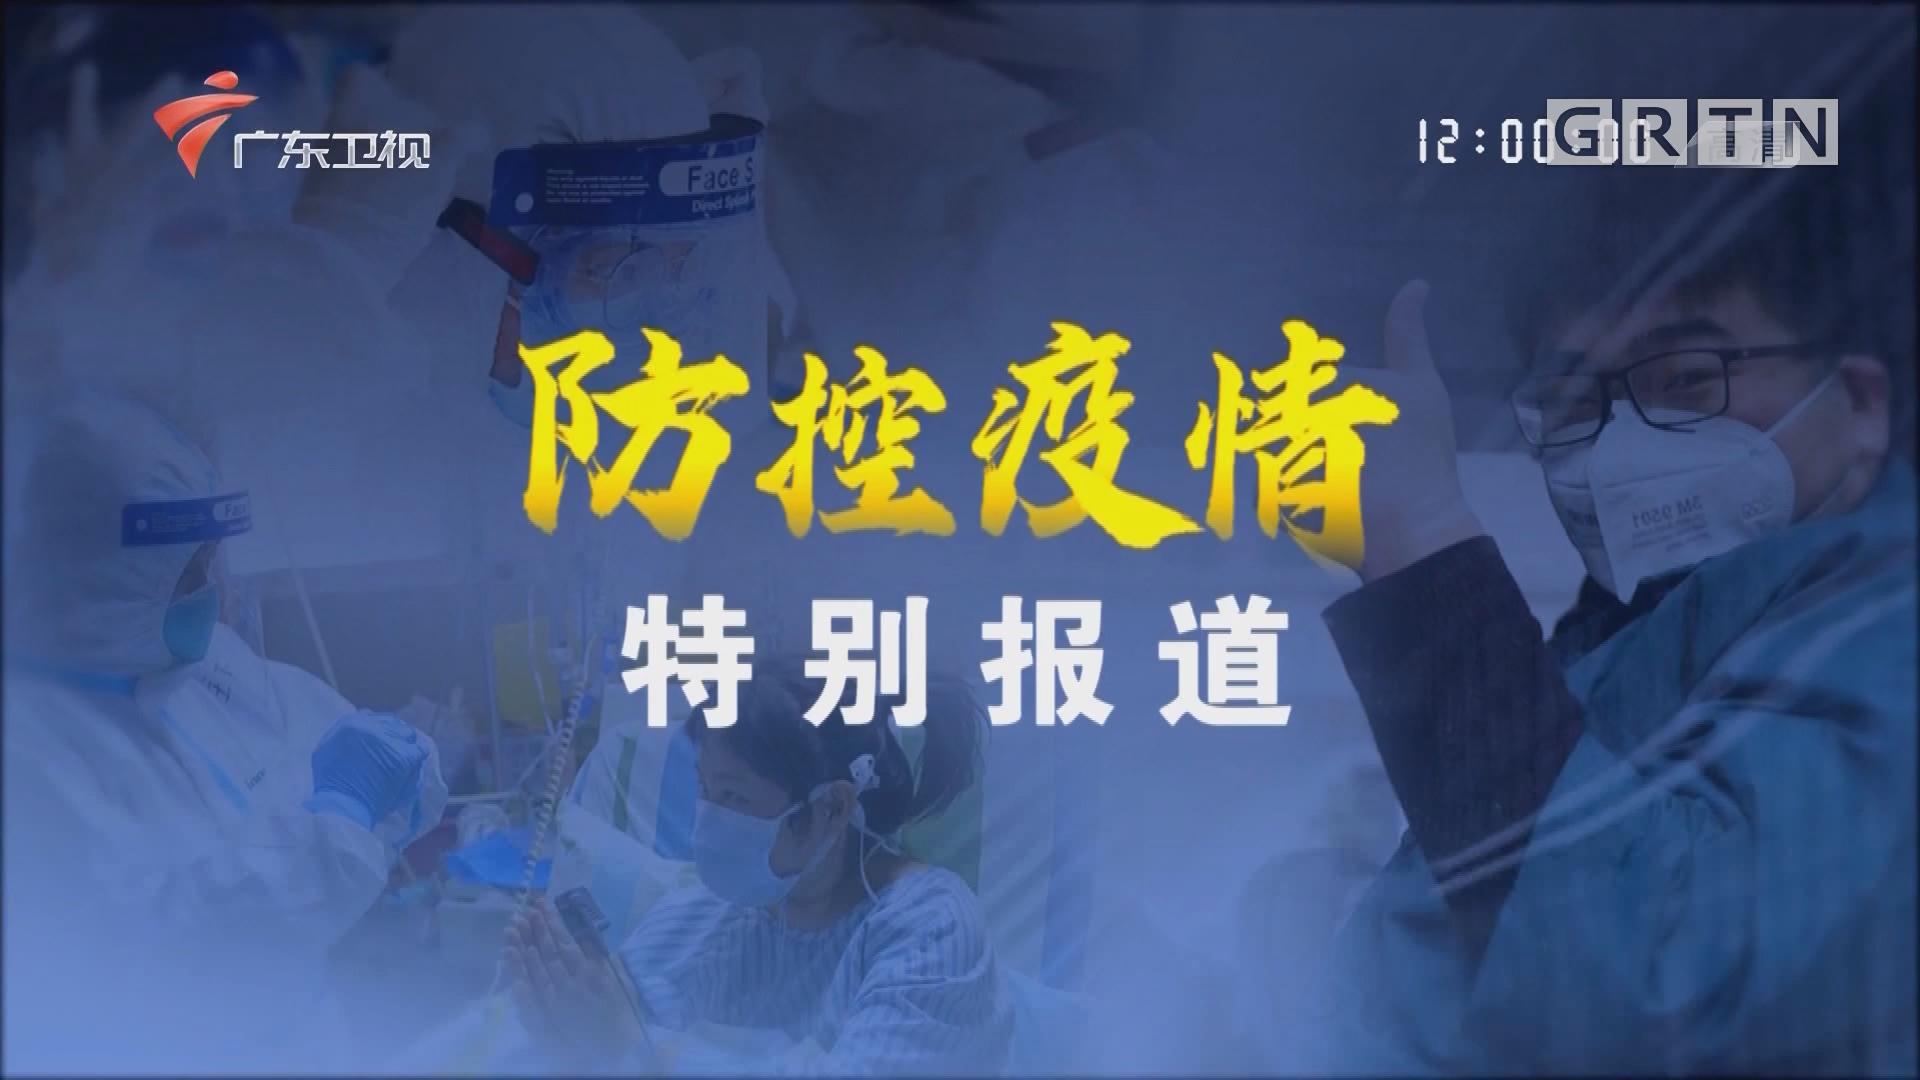 [HD][2020-03-06]防控疫情特别报道:防控疫情进行时 广州公布1例新增确诊病例详情:48岁女性在荔湾区工作